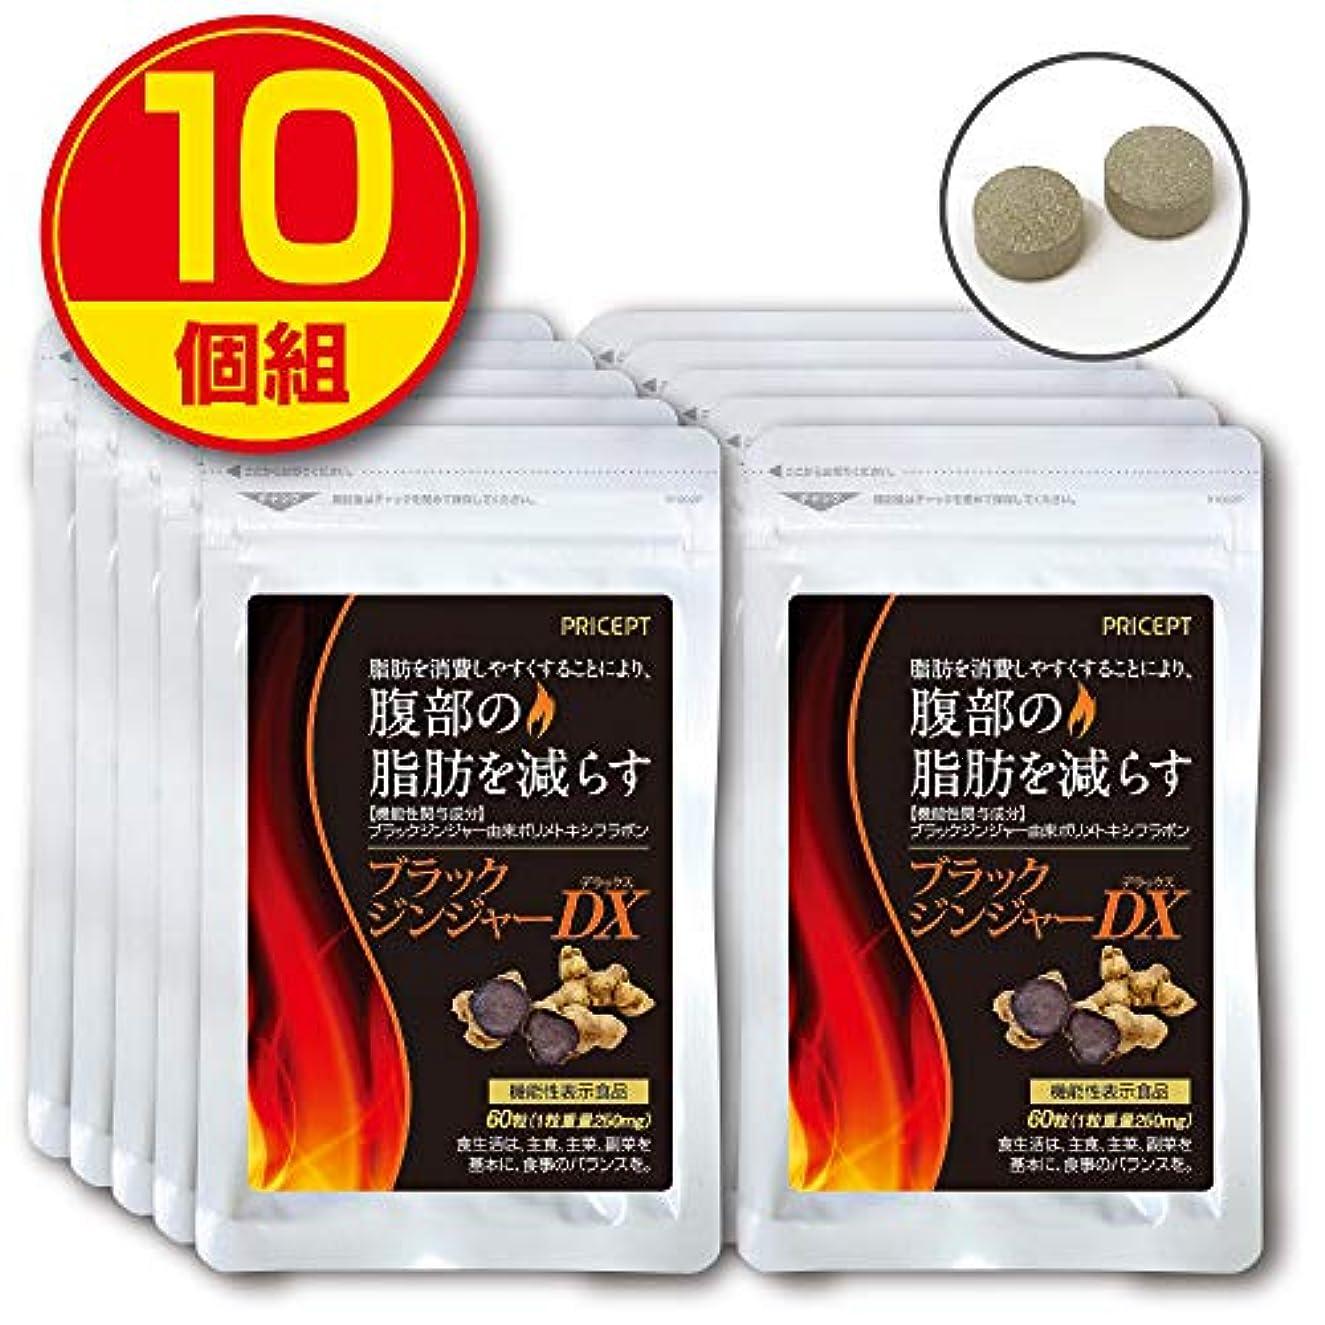 パンダキャッシュ不変プリセプト ブラックジンジャーDX 機能性表示食品 60粒【10個組】(ダイエットサプリメント?粒タイプ)